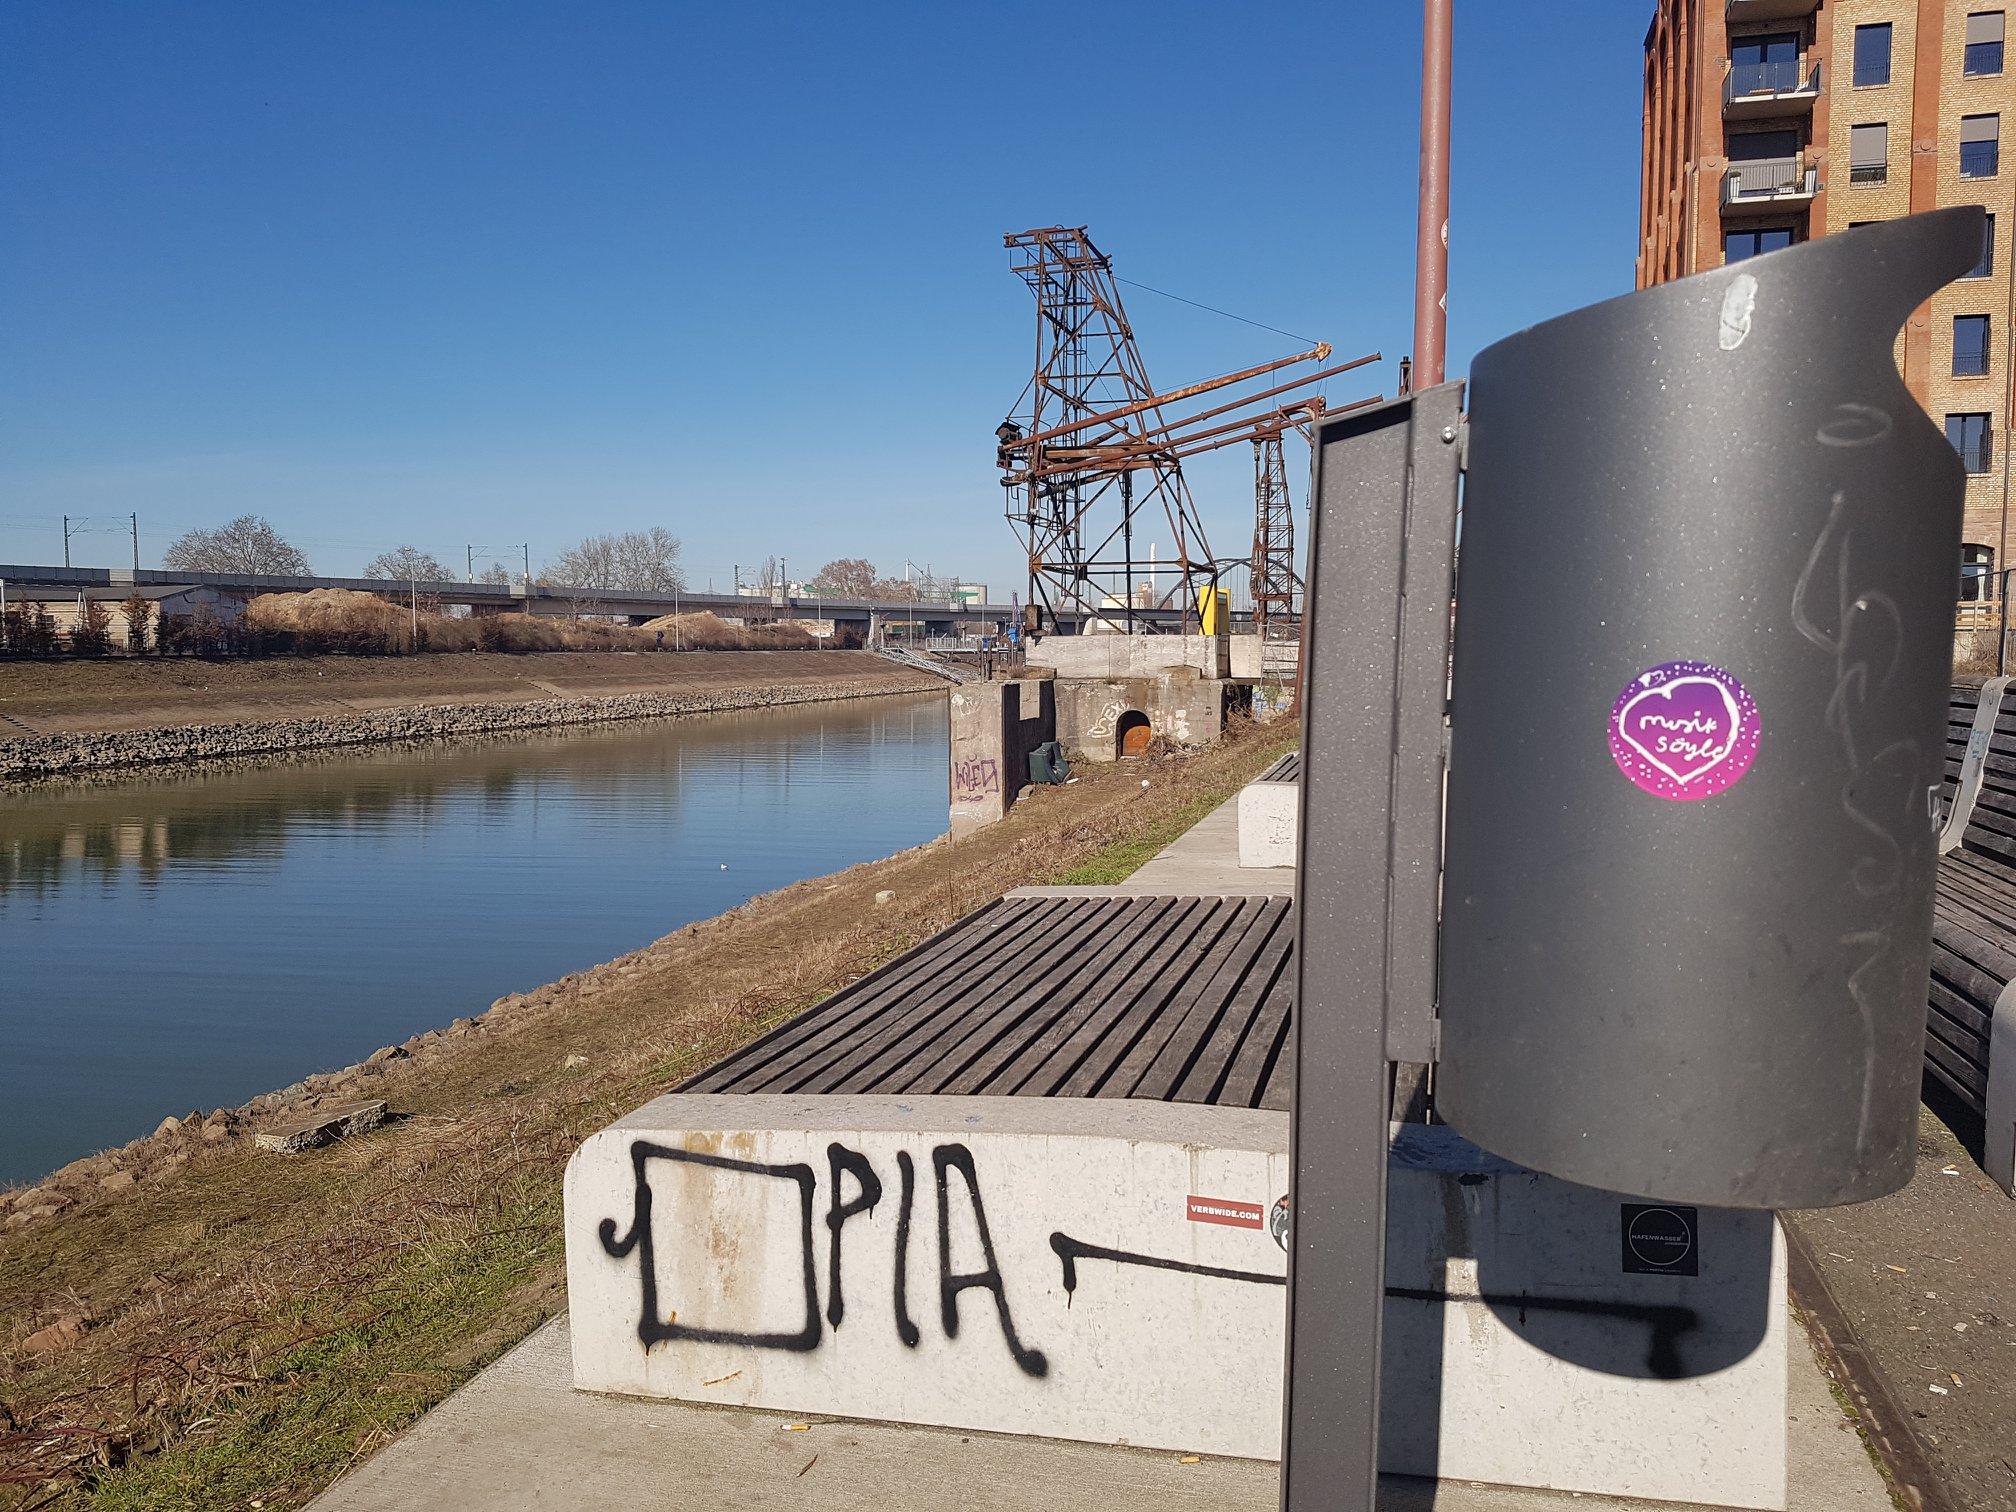 """Ein runder pinker Aufkleber mit der Aufschrift """"Musik/ Söyle"""" klebt auf einem Mülleimer an der Promenade am Mannheimer Verbindungskanal"""